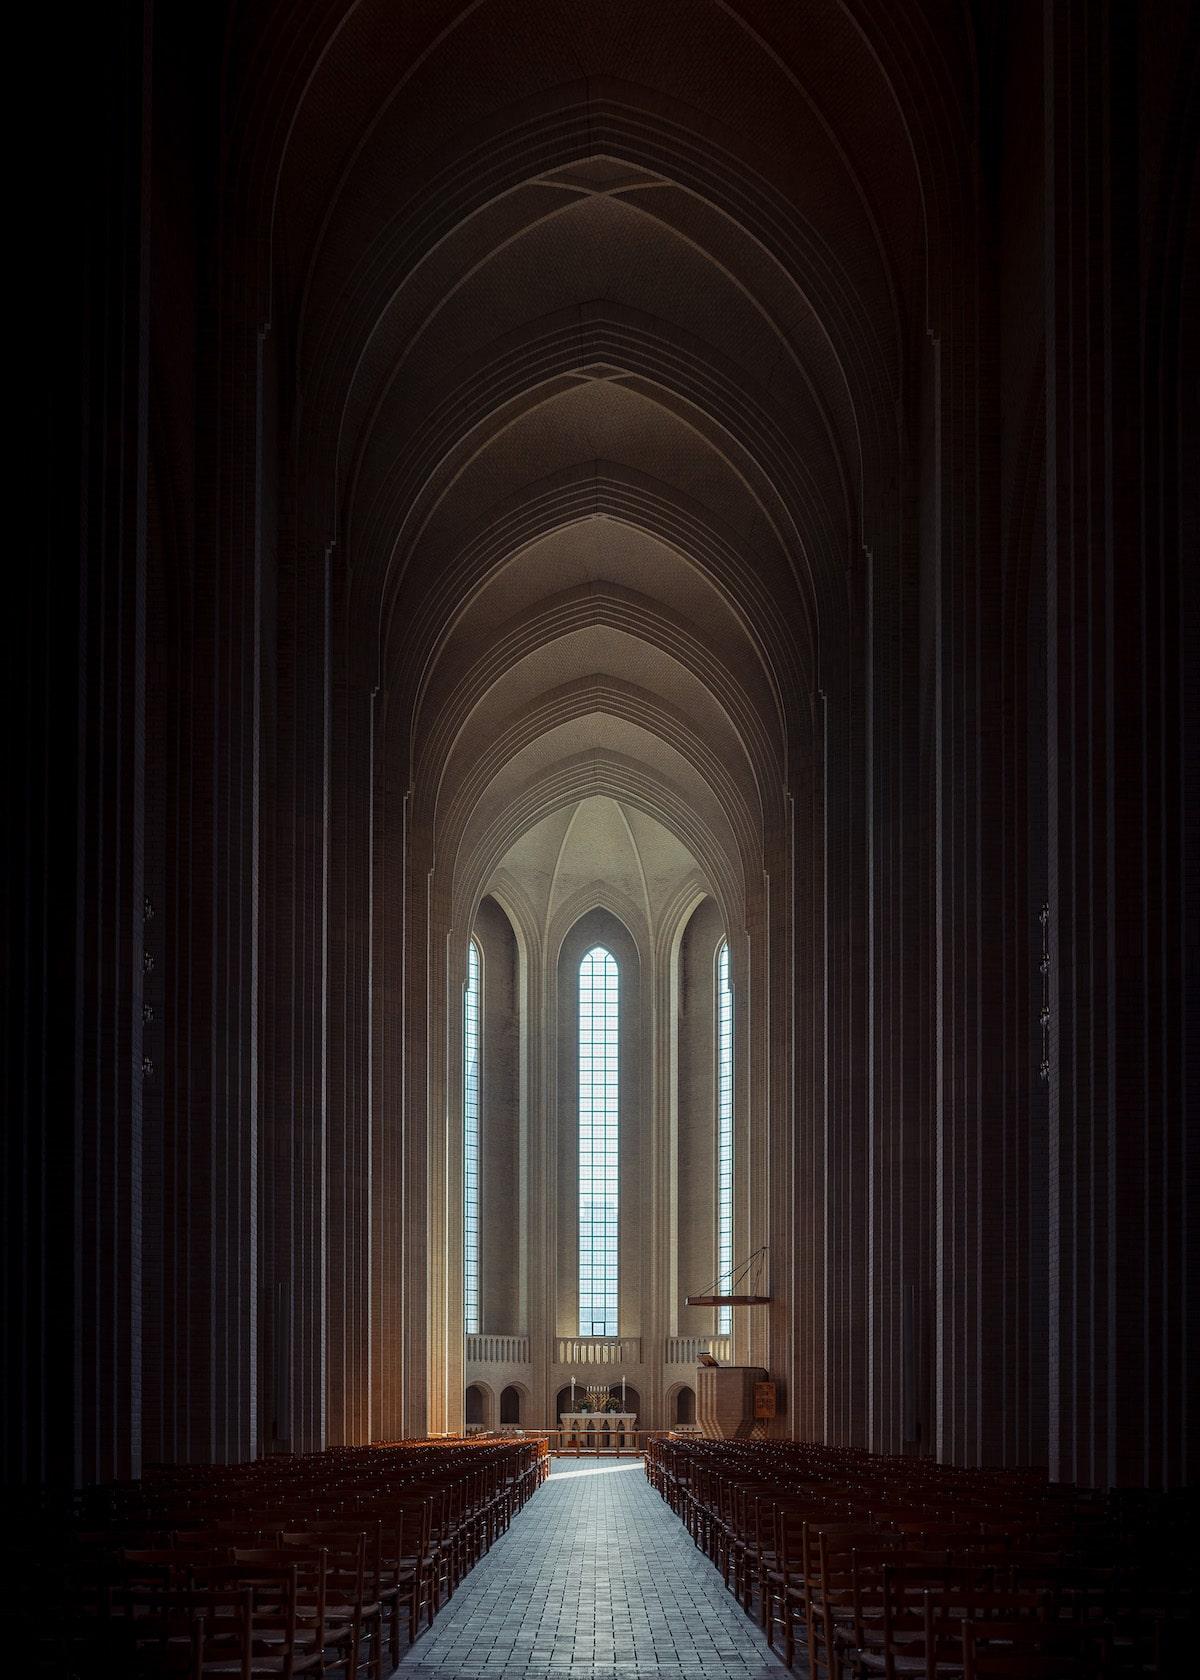 Interior of Grundtvigs Kirke in Denmark